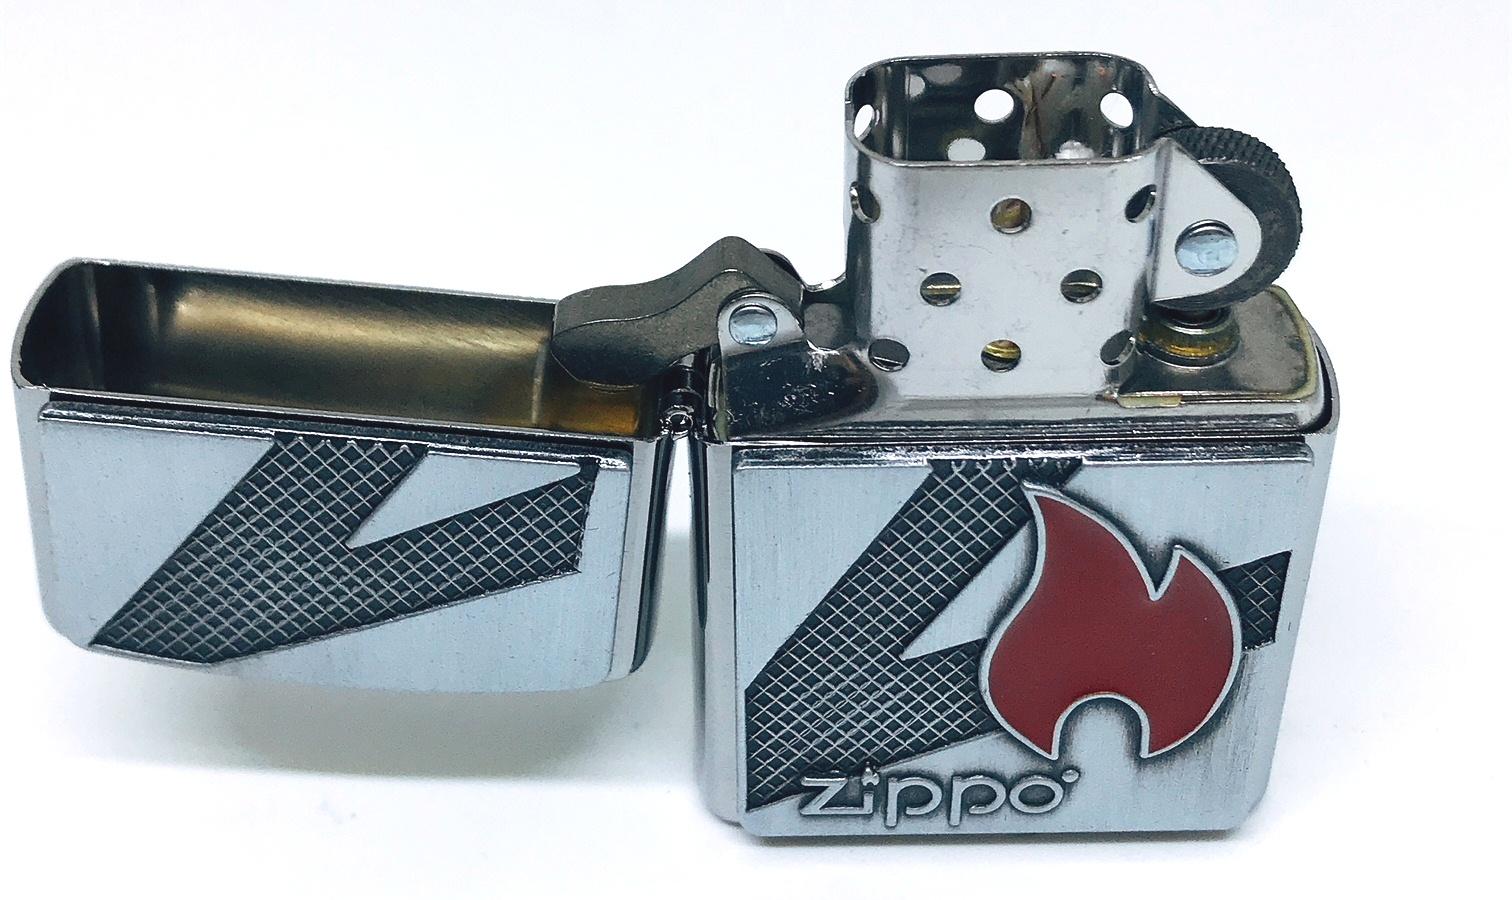 Hop quet zippo noi ngon lua trang Z613 3